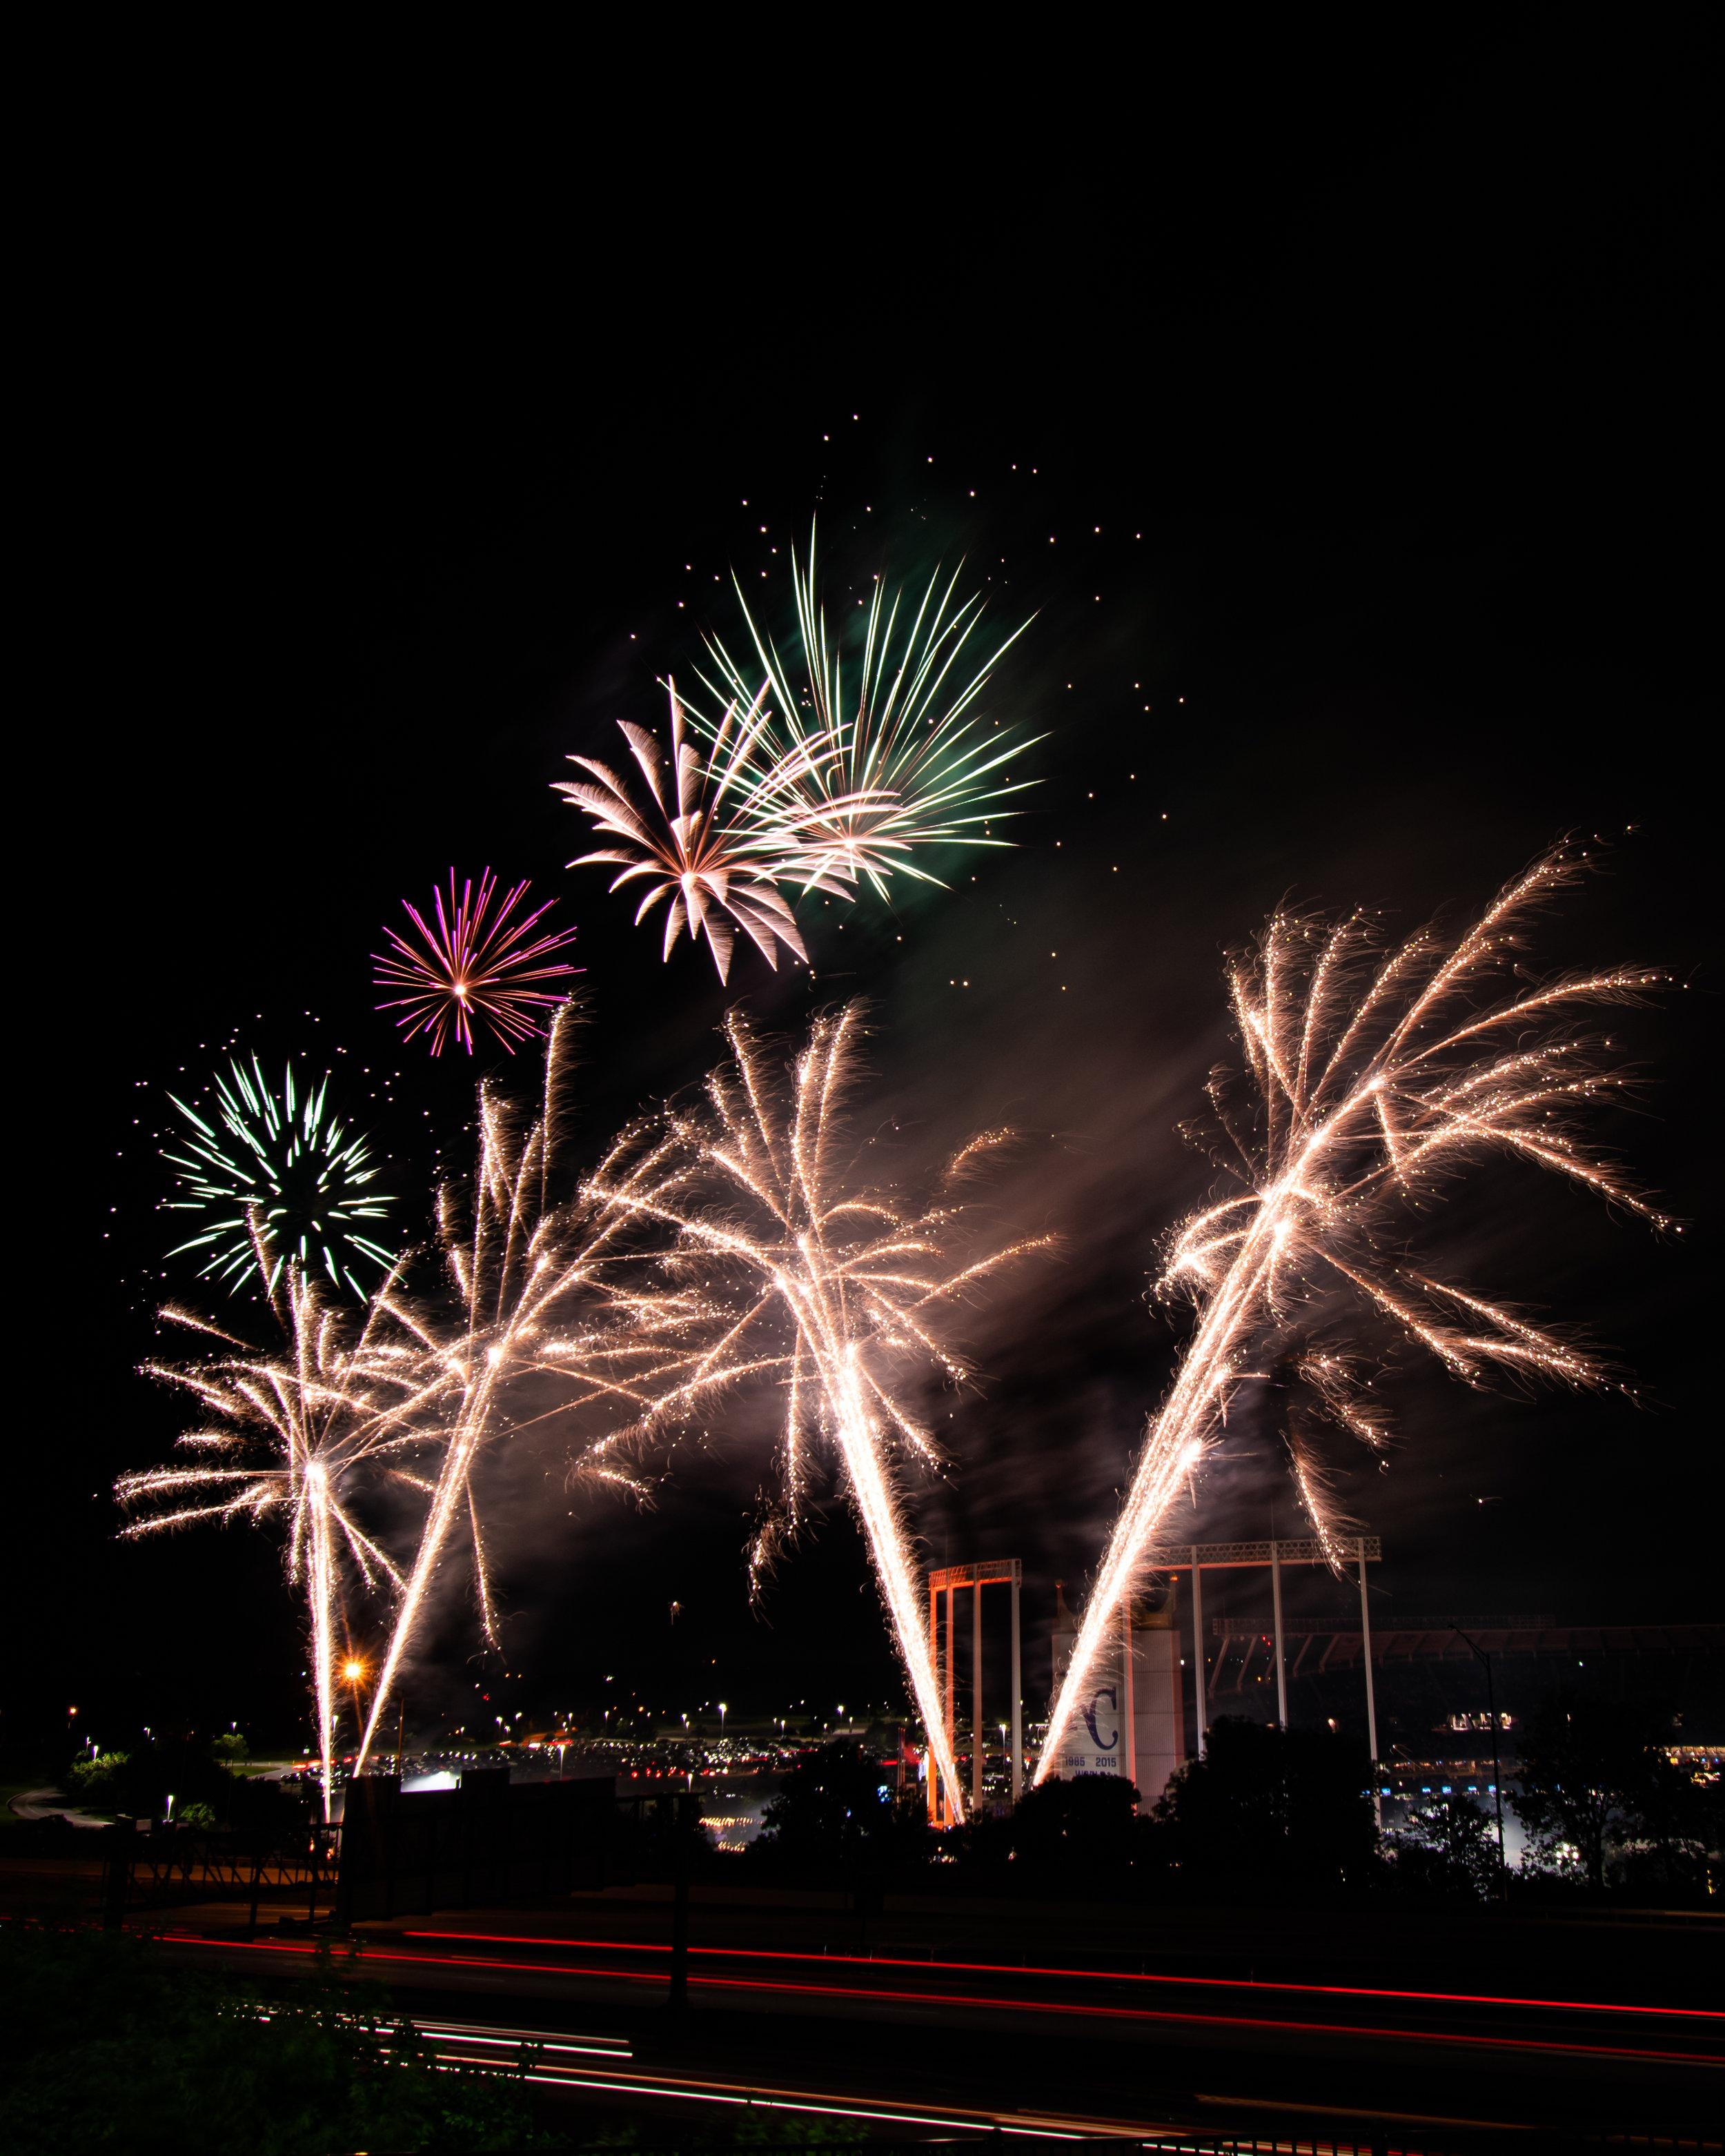 firework-friday-36-of-51_48108386737_o.jpg